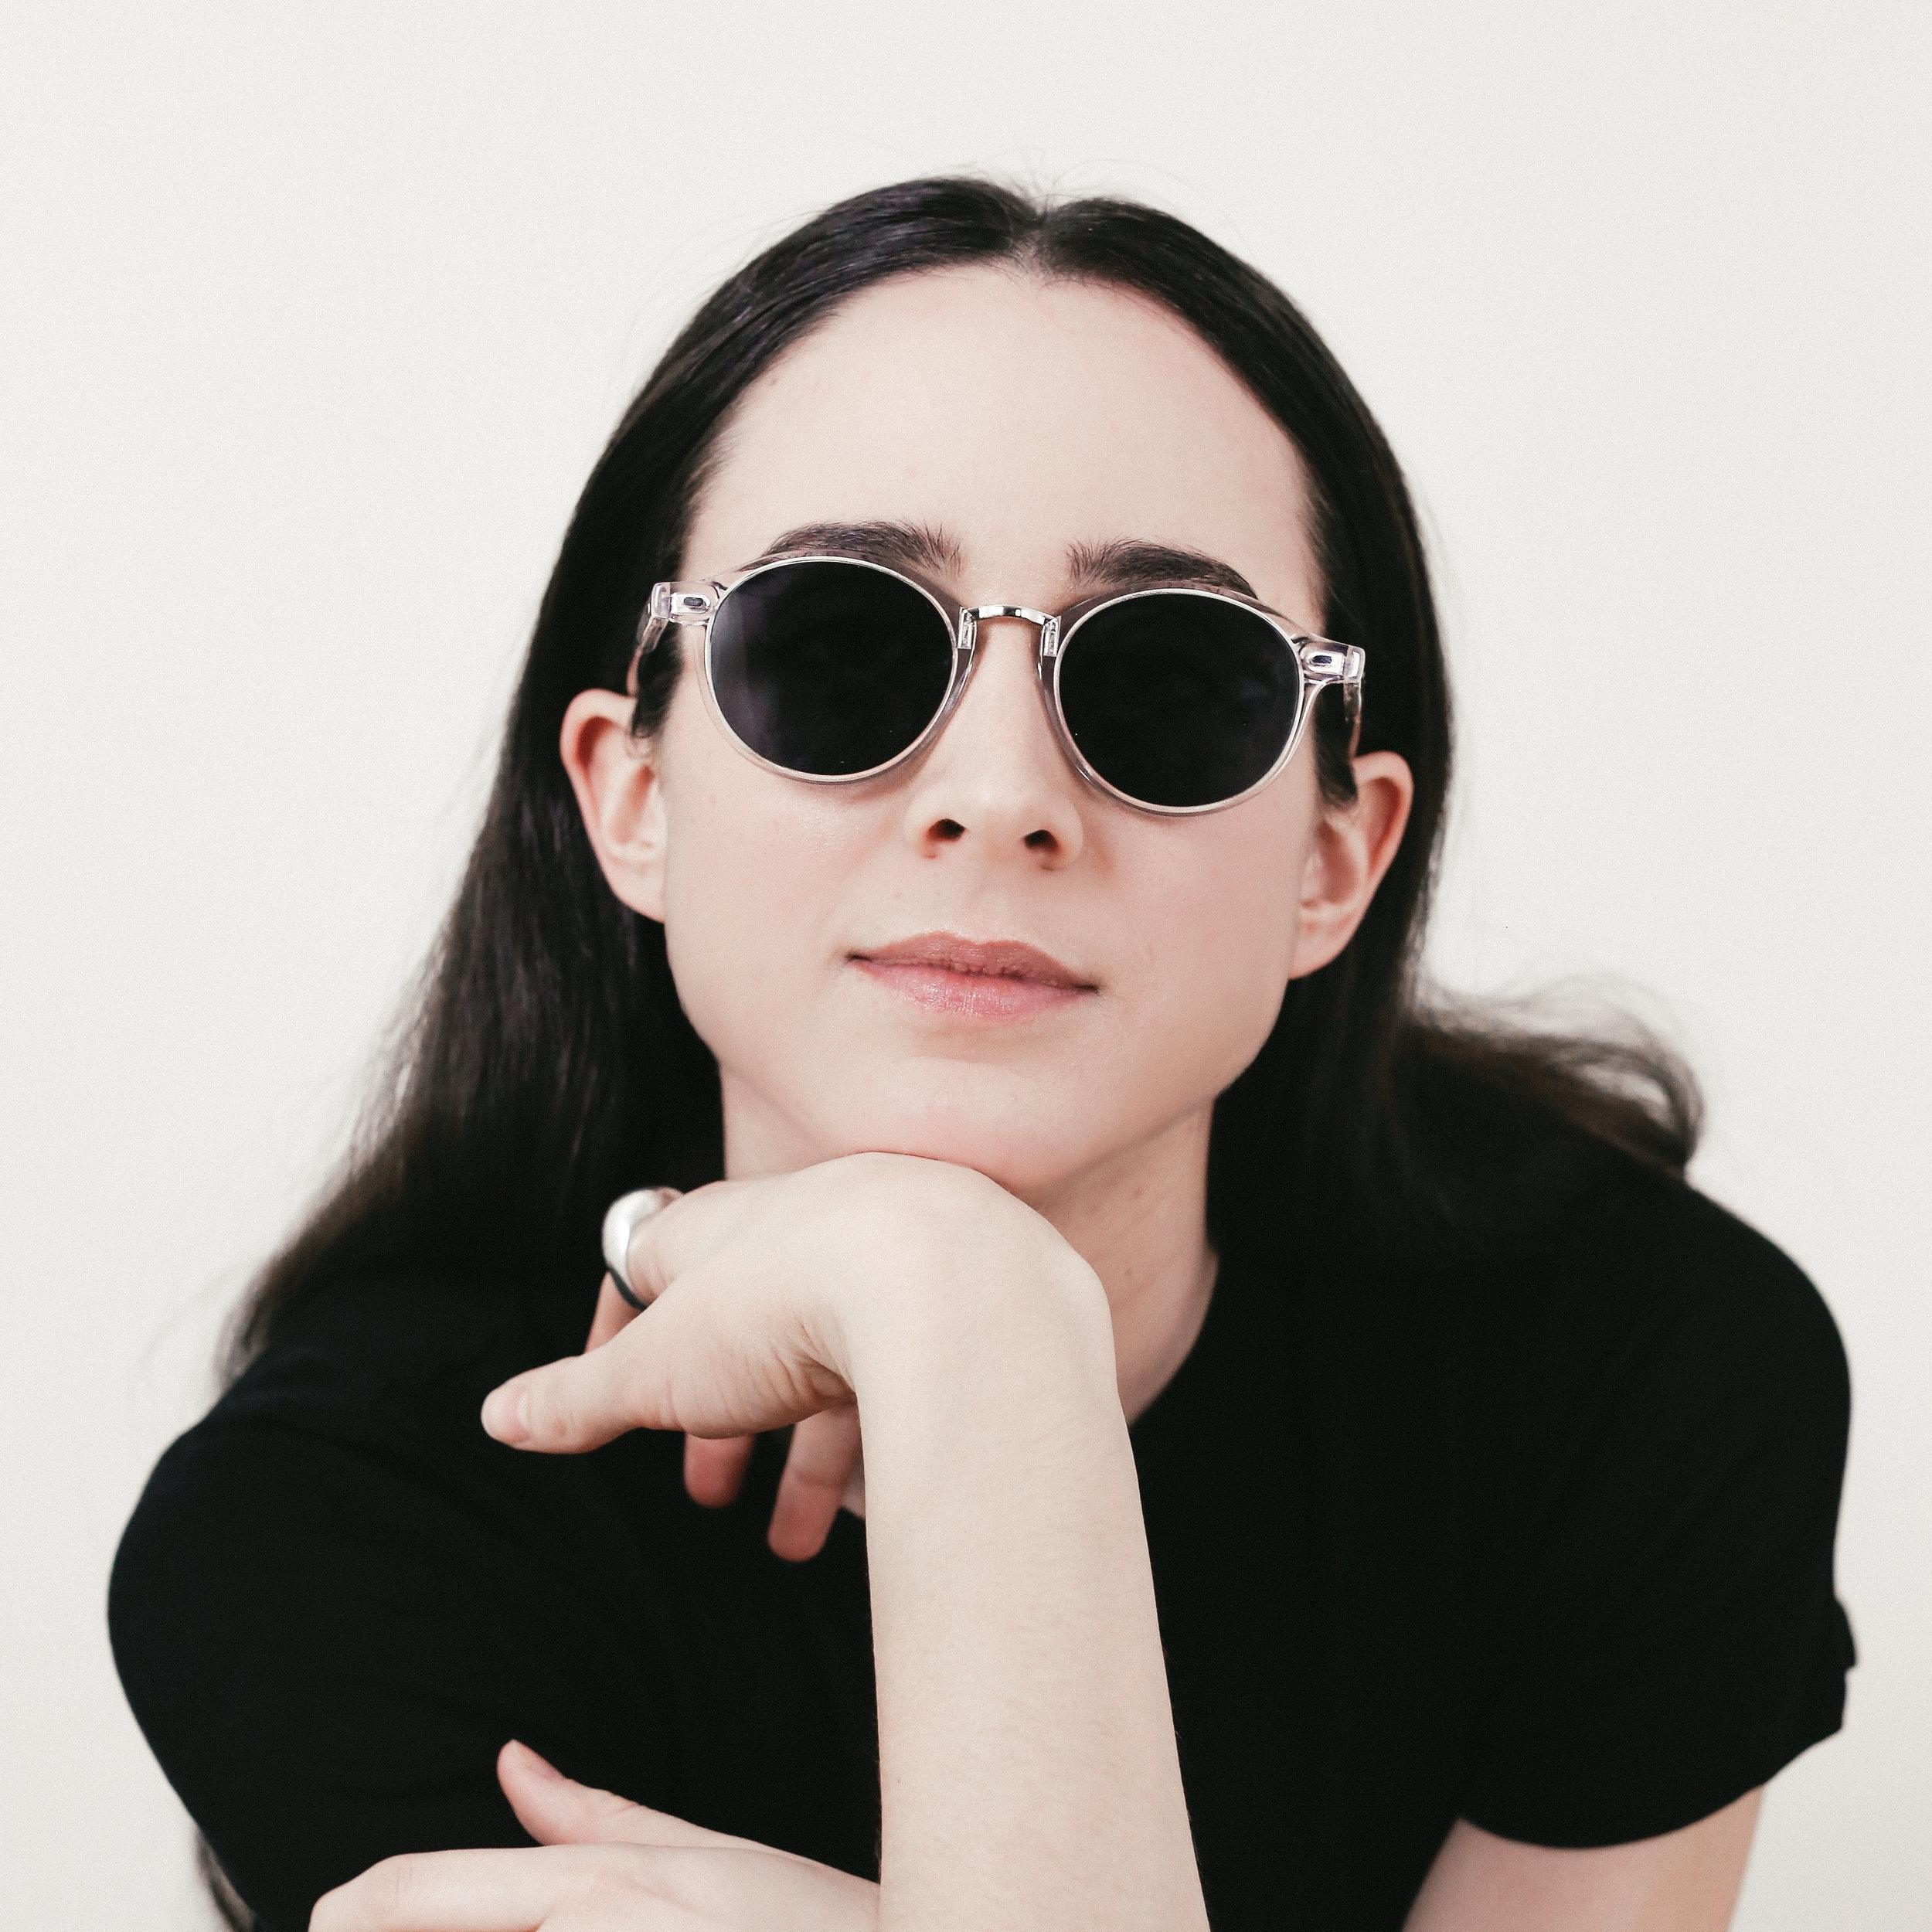 AO-sunglasses-model.jpg